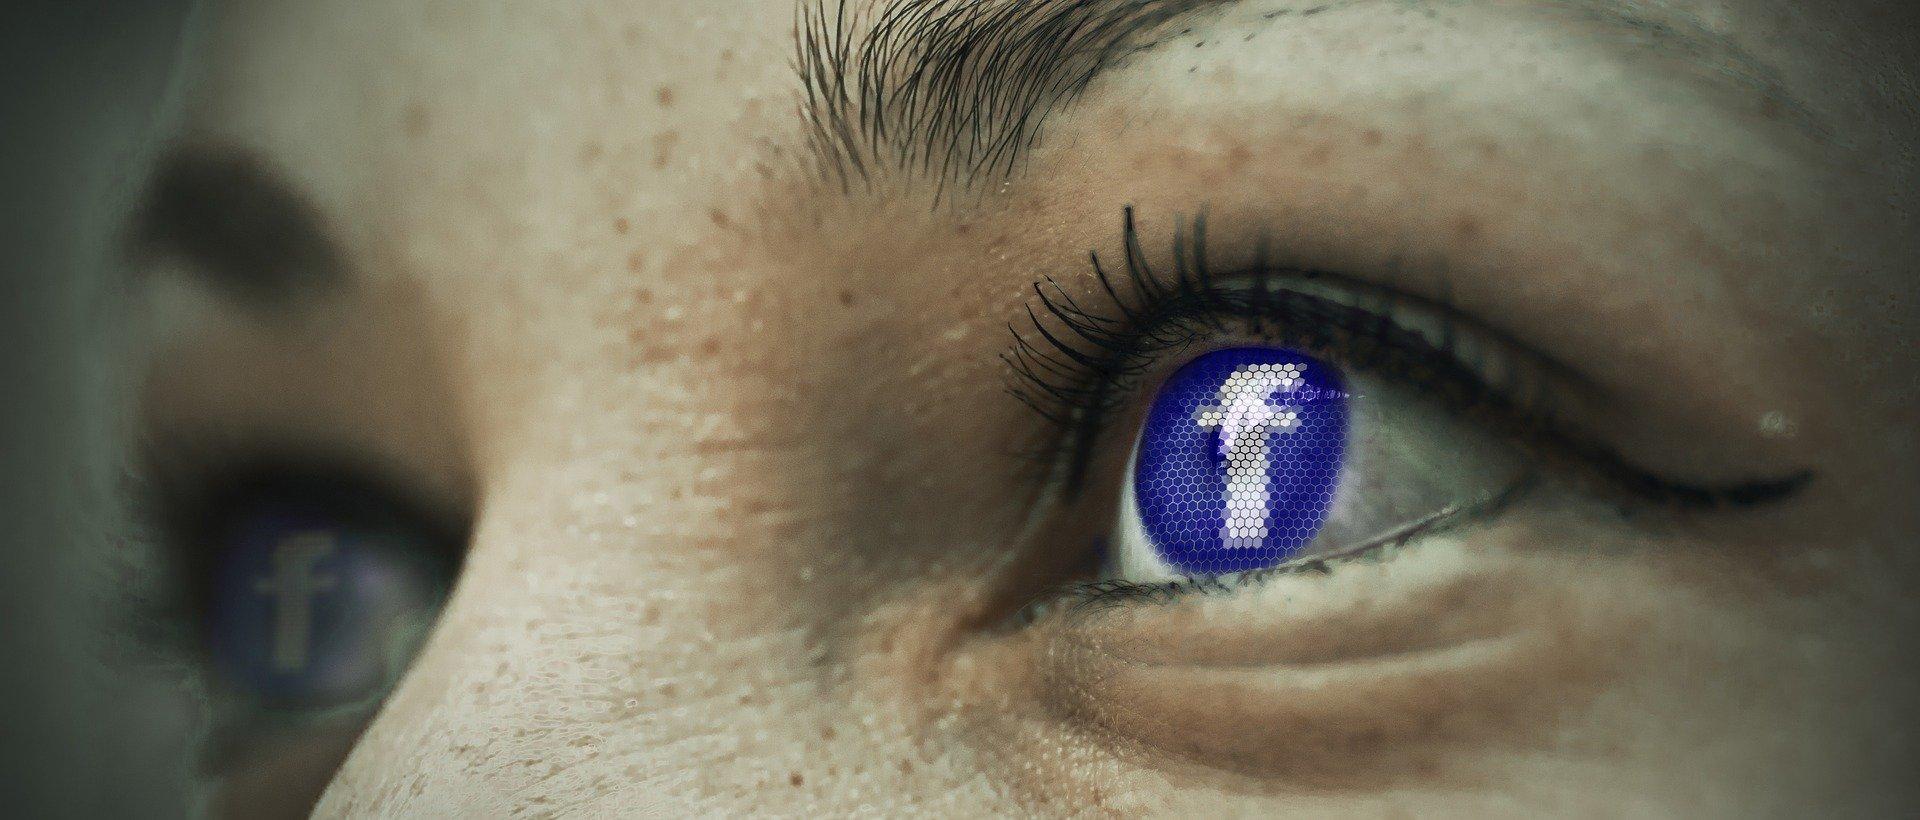 Mieux comprendre l'algorithme de Facebook